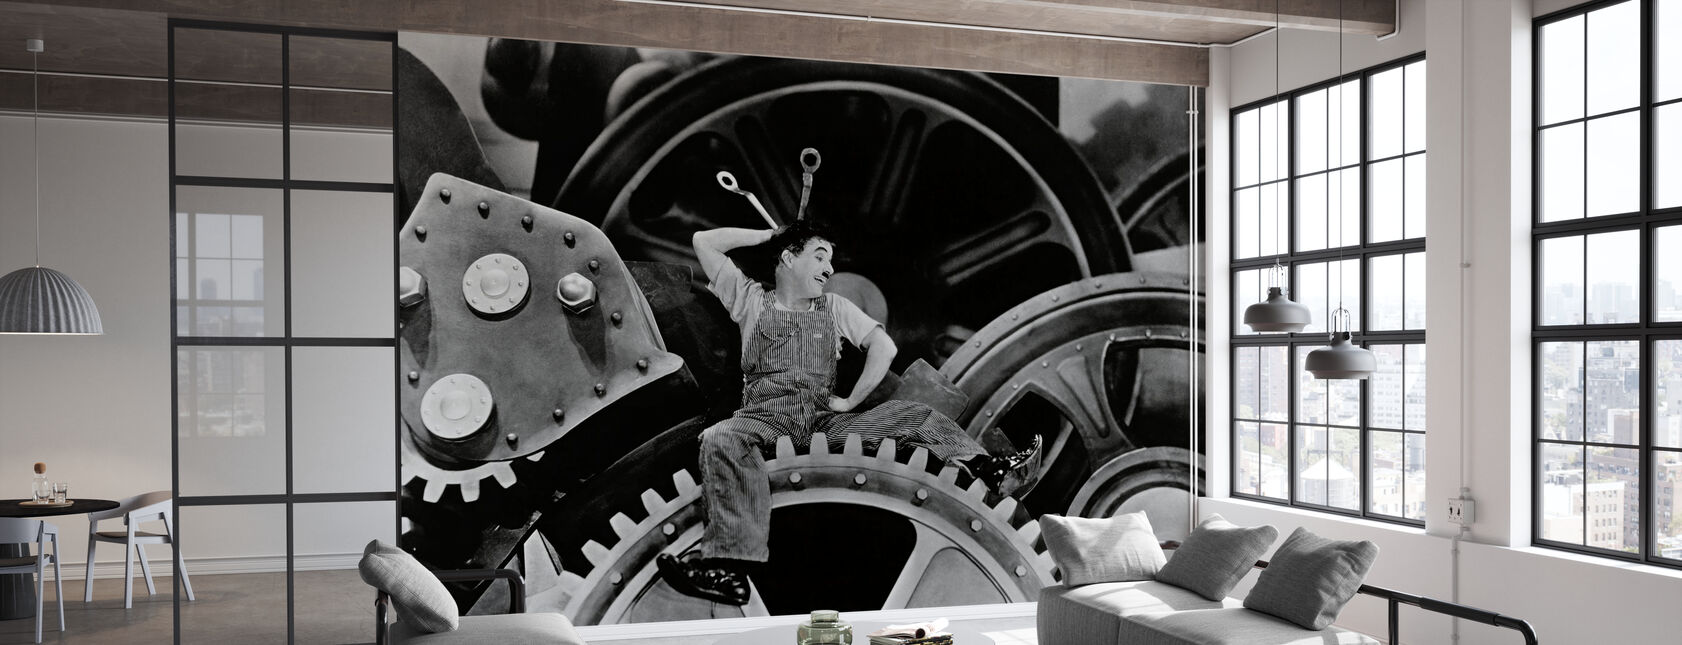 Charlie Chaplin w czasach nowożytnych - Tapeta - Biuro